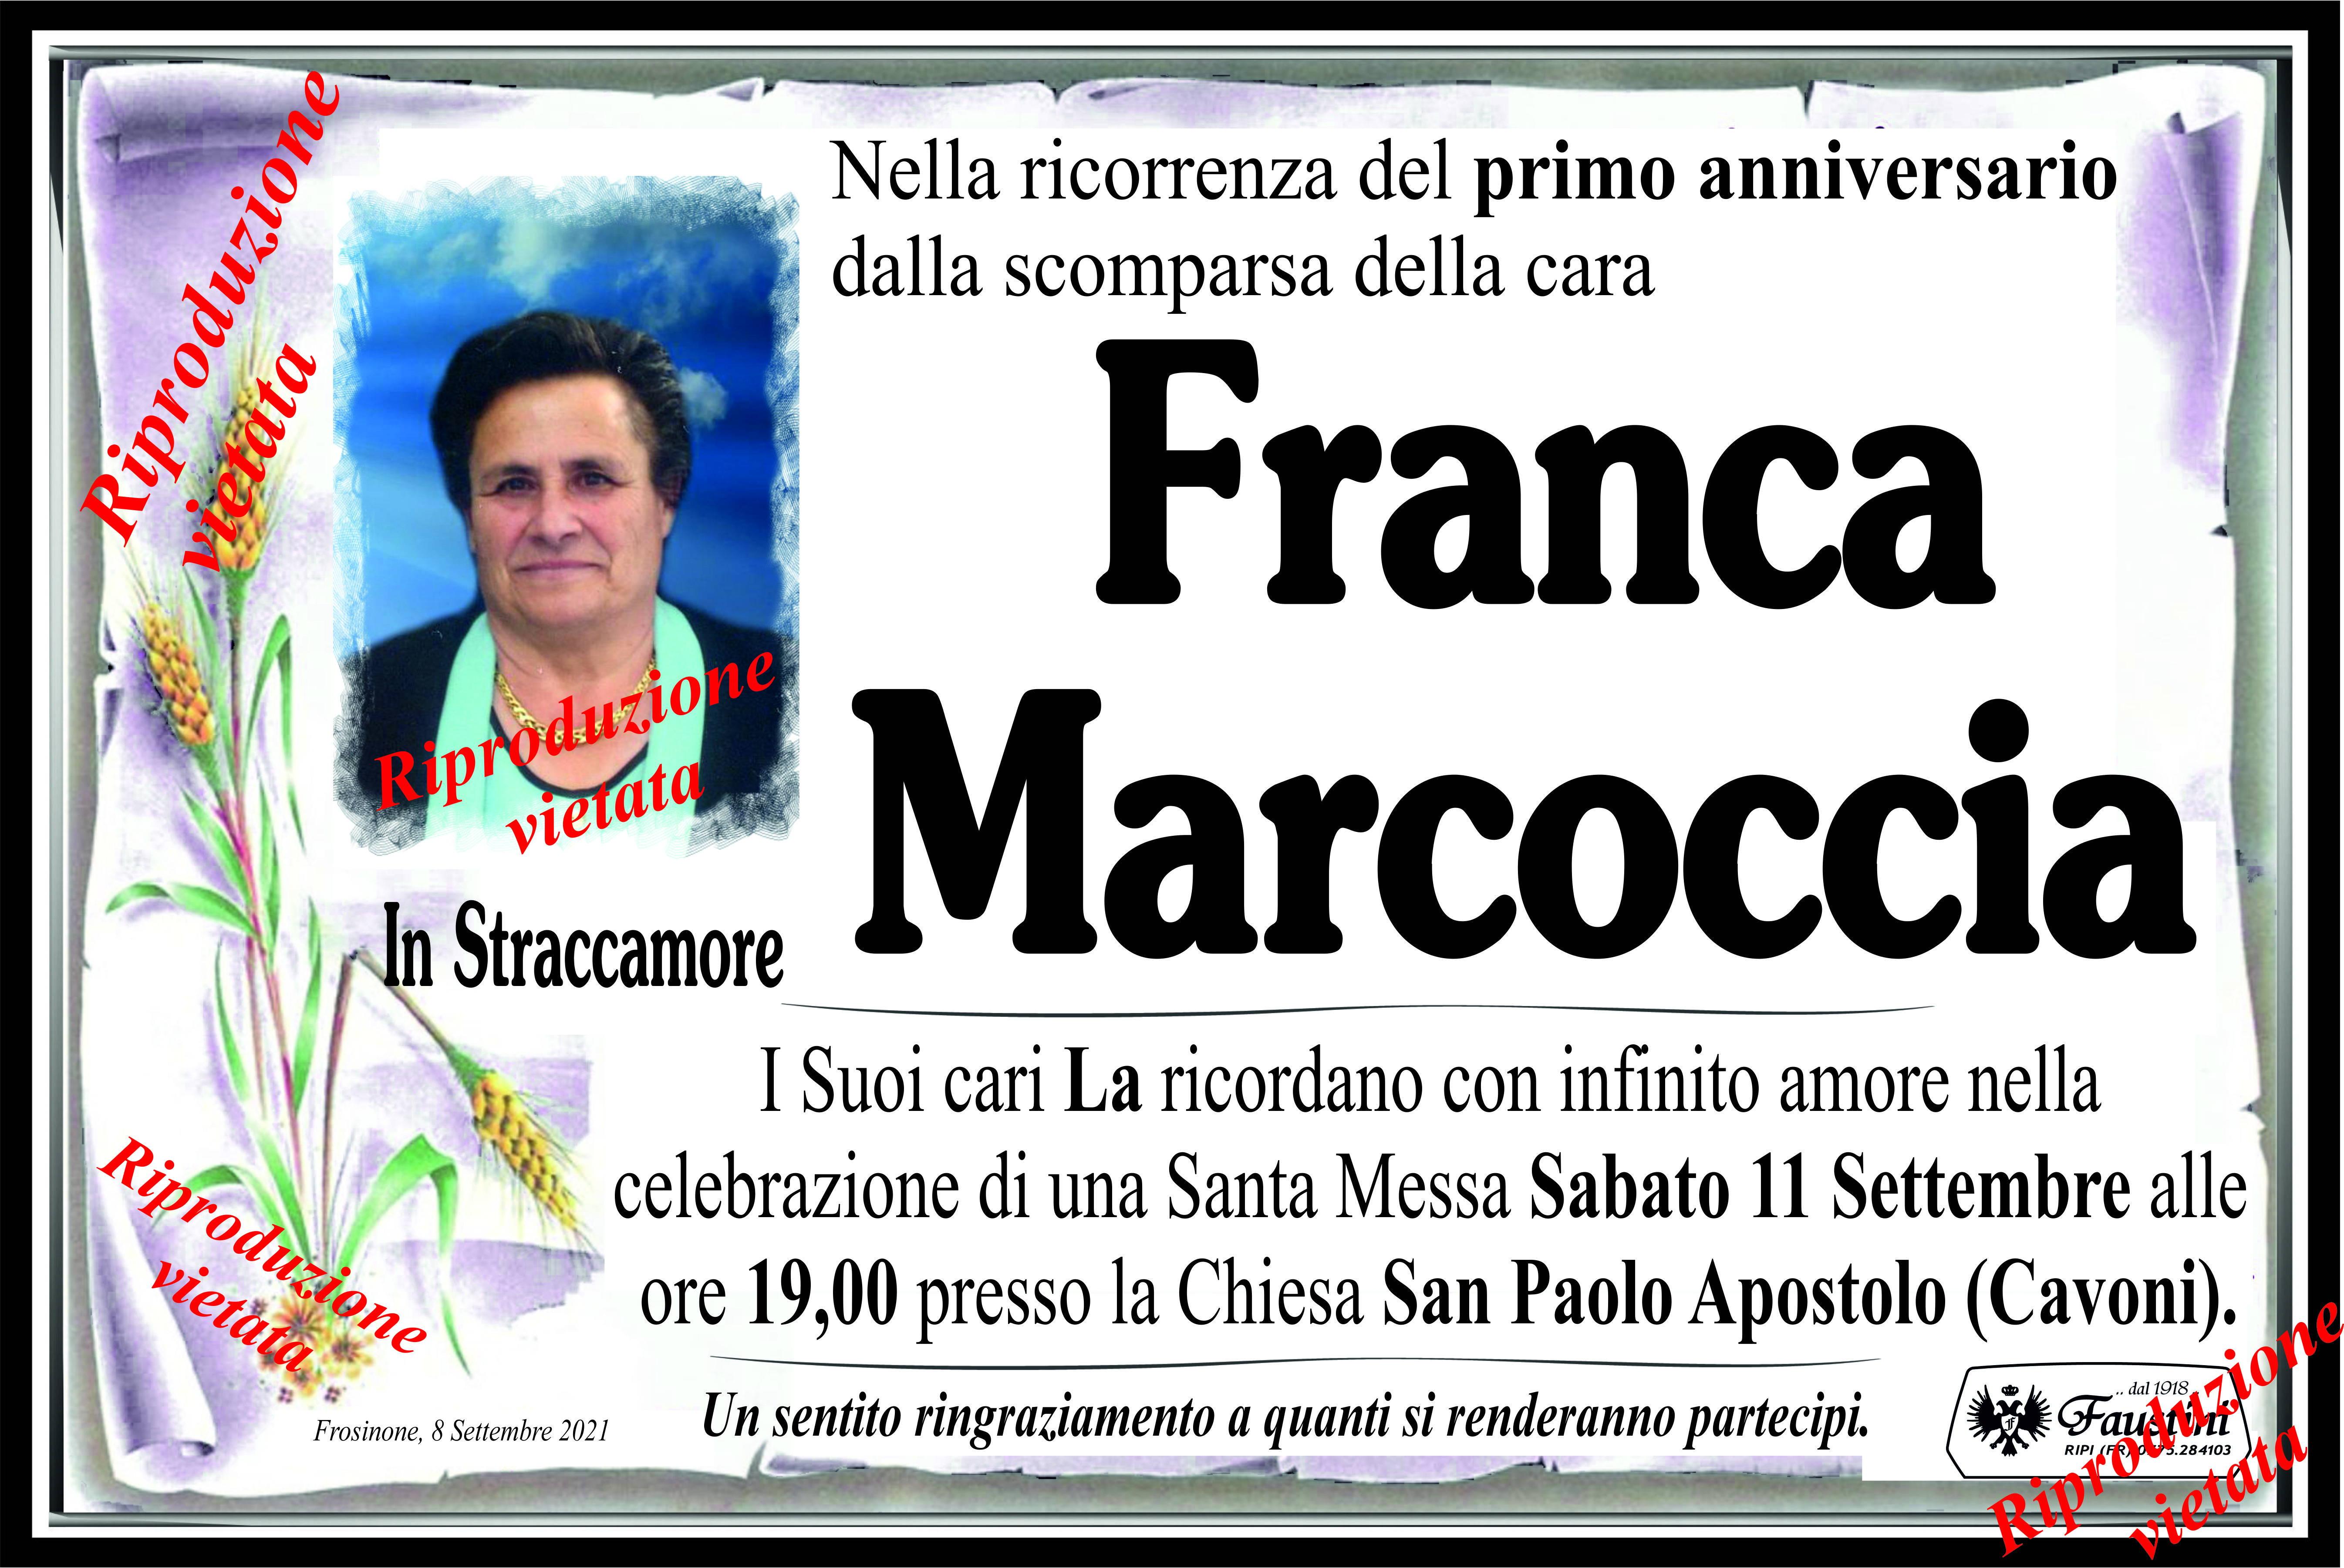 Franca Marcoccia